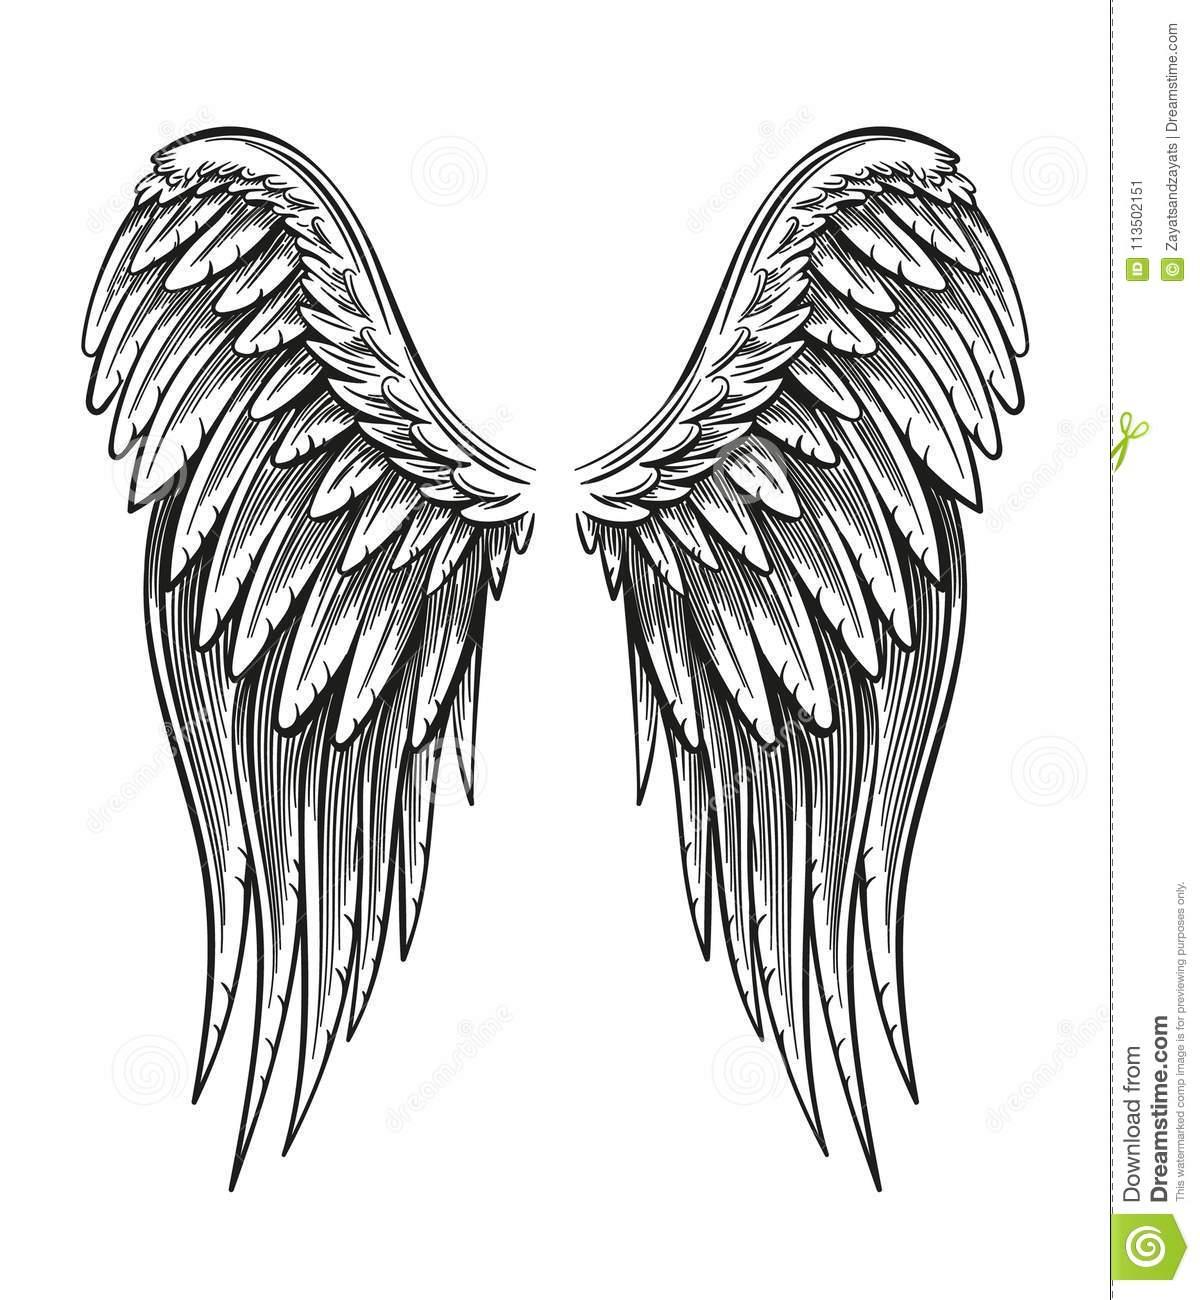 Hand Gezeichnete Flügel Vektor Abbildung. Illustration Von innen Engelsflügel Gezeichnet